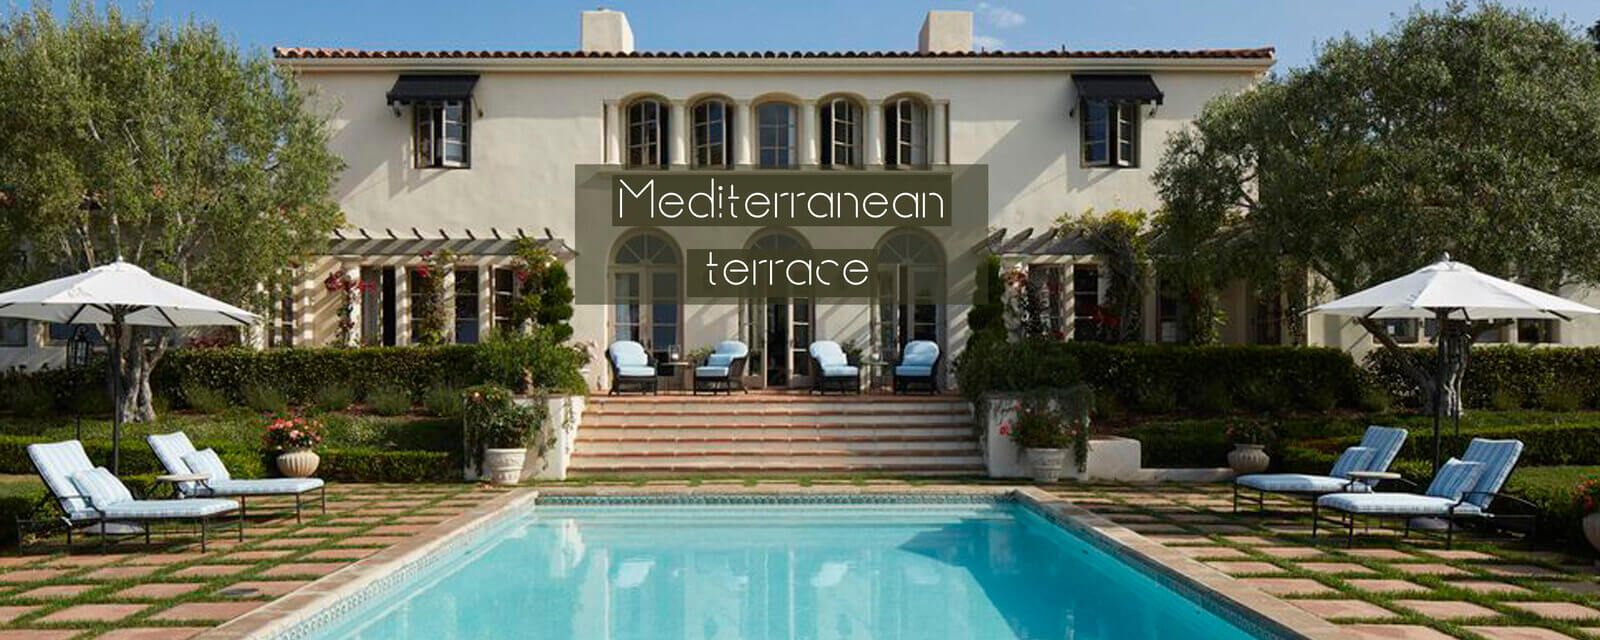 Mediterranean Terrace